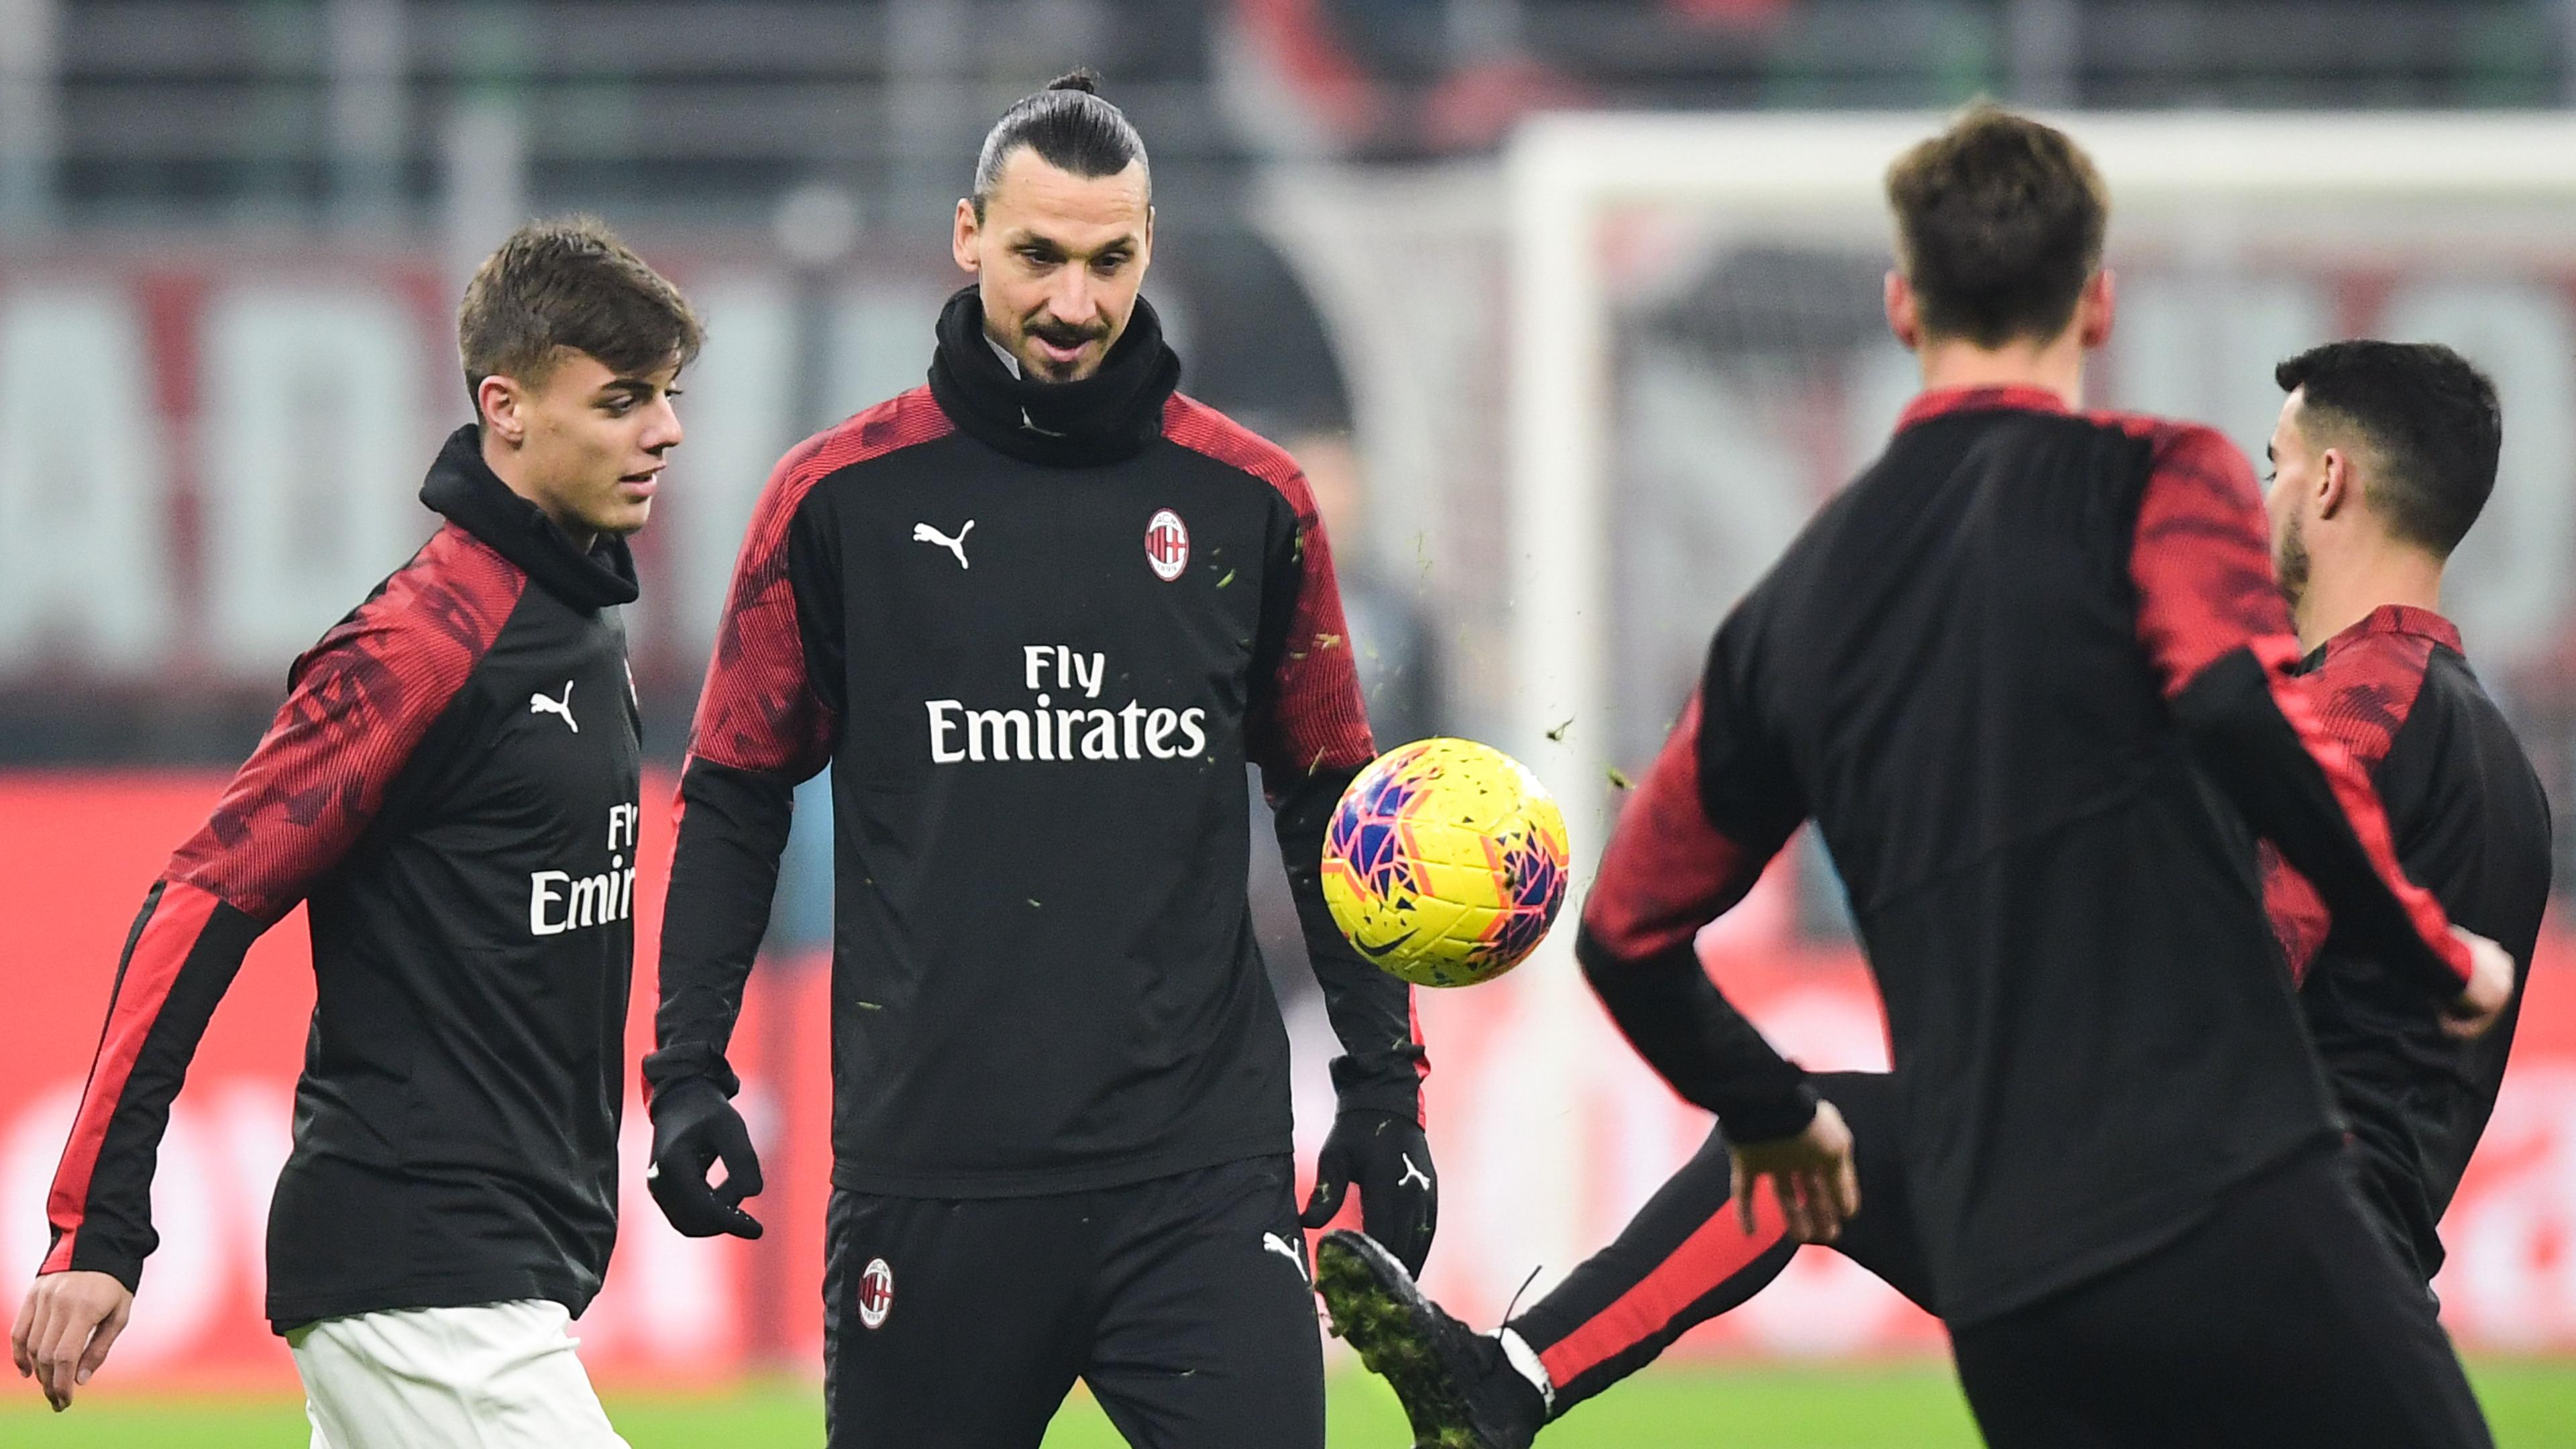 Unbelievable seeing Ibrahimovic working hard at AC Milan - Pioli